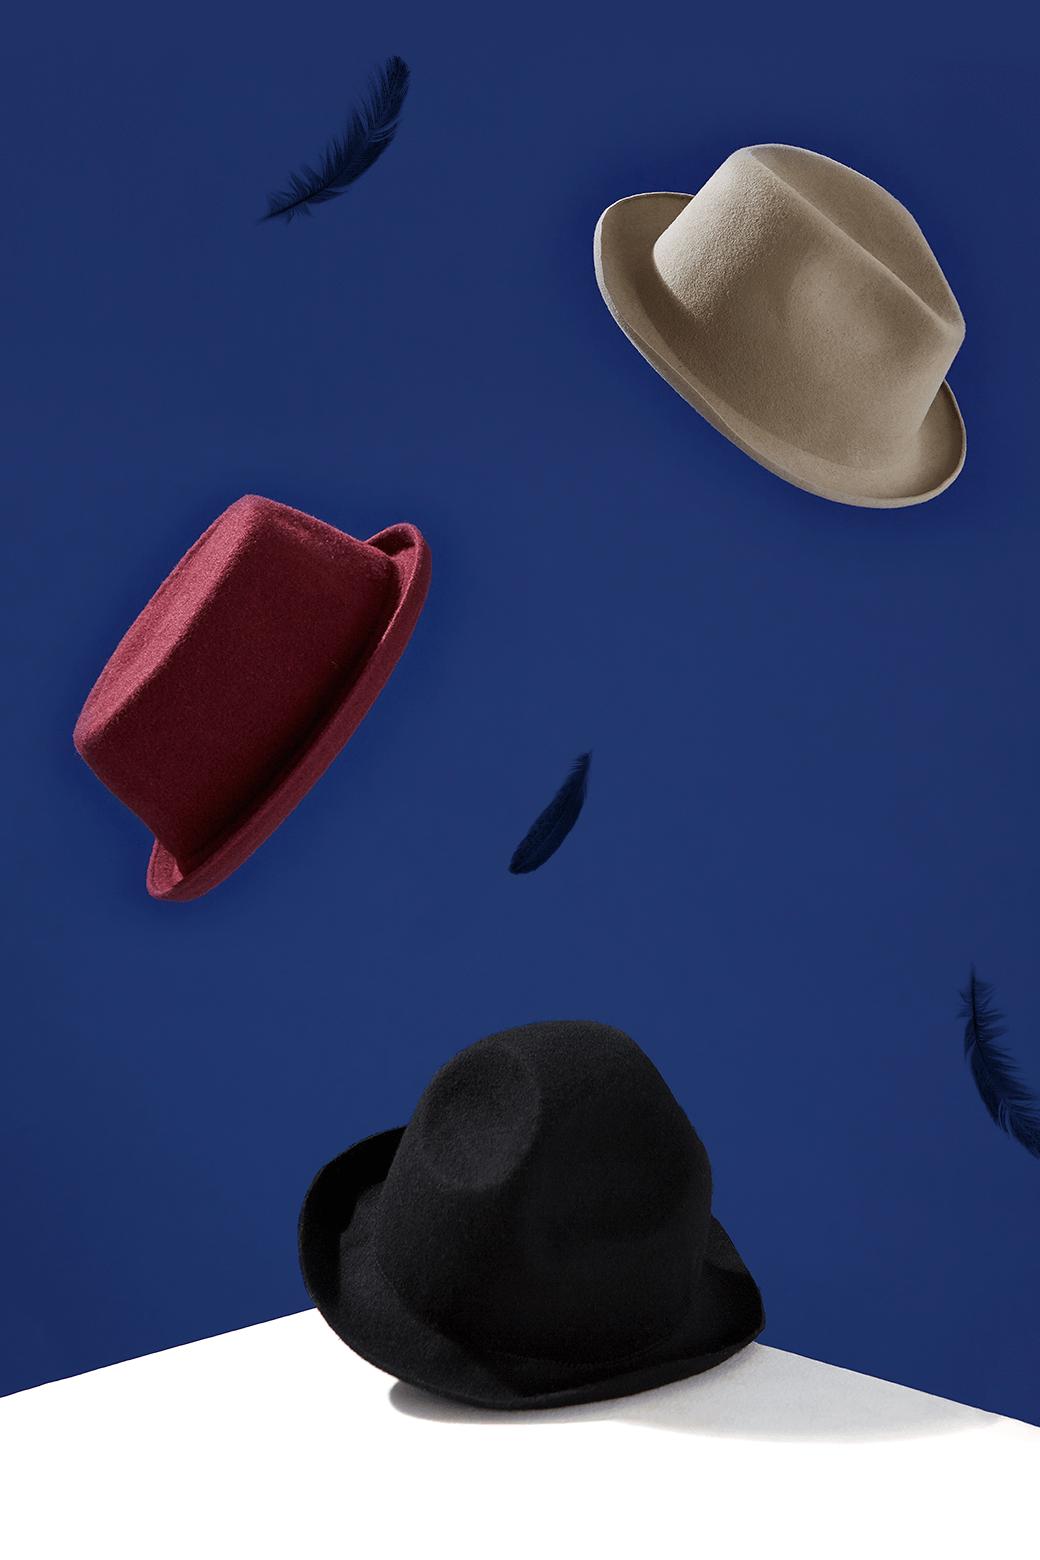 9 нарядных шляп на весну. Изображение № 2.